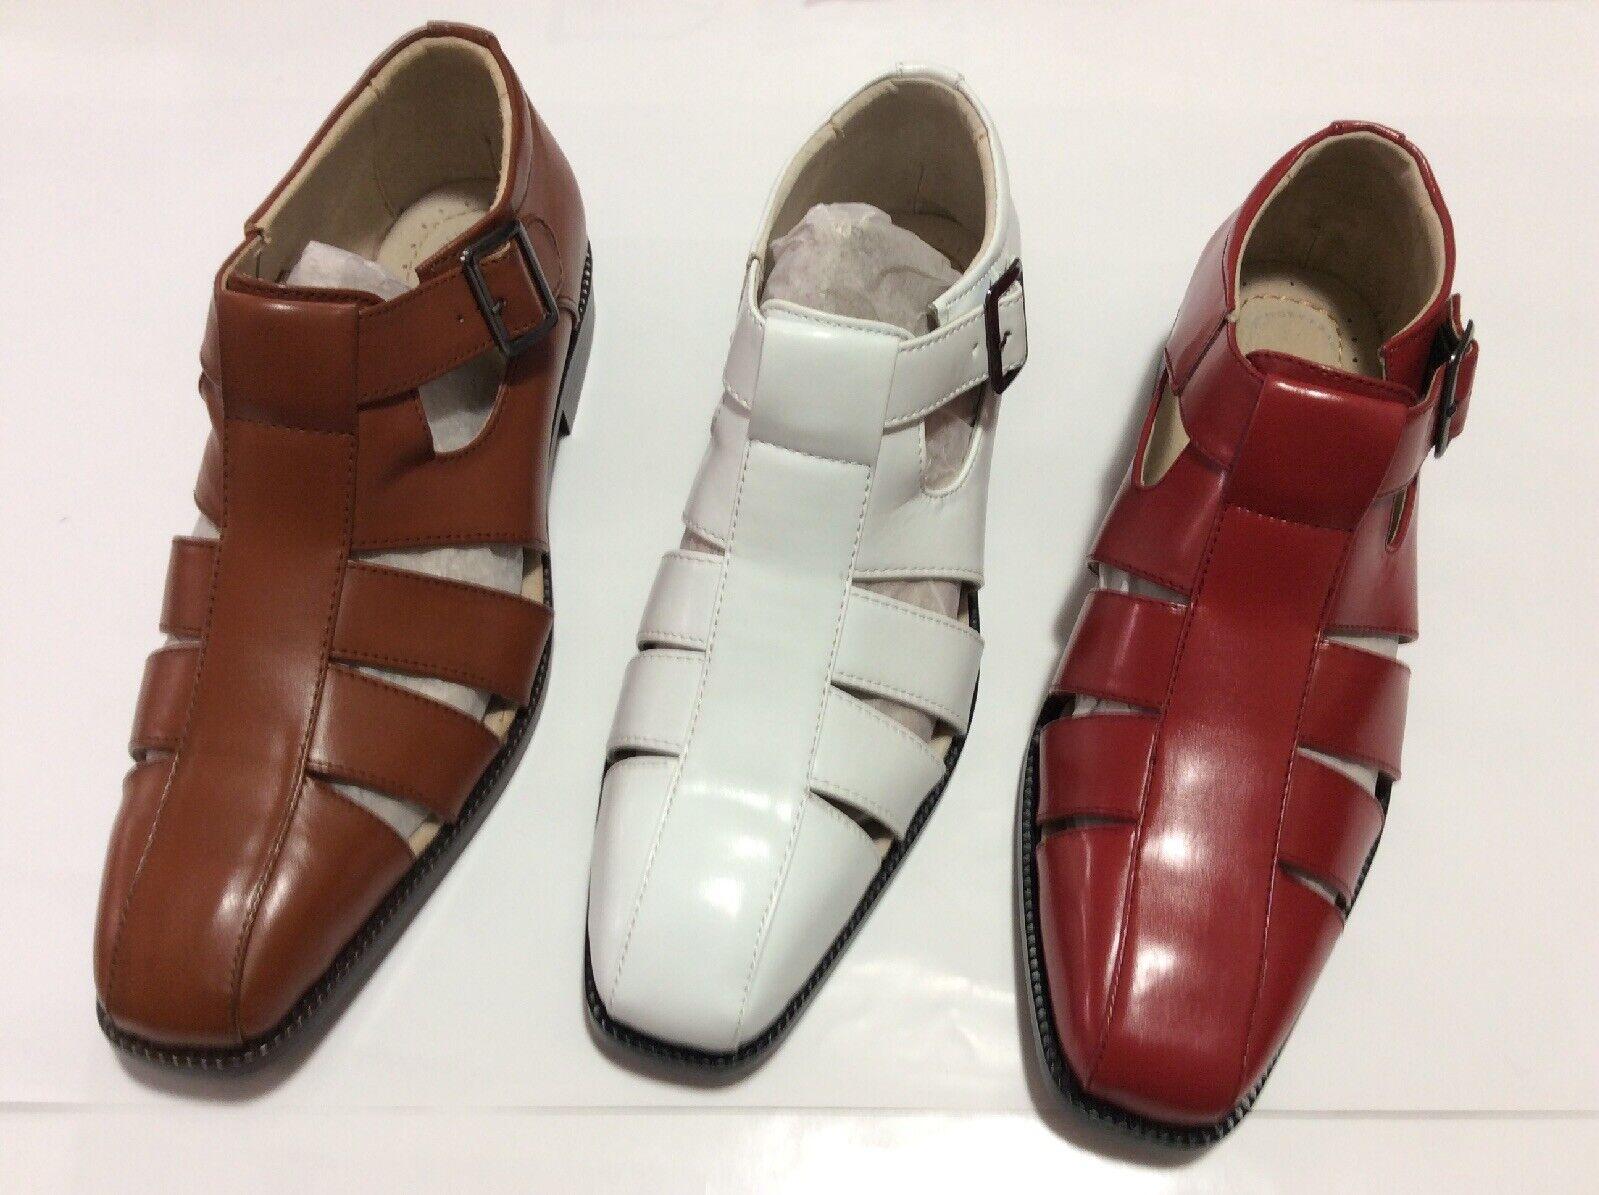 Stacy Adams HERREN Bekleidung   Freizeit Sandalen mit Riemen Calisto Rot, Weiß,